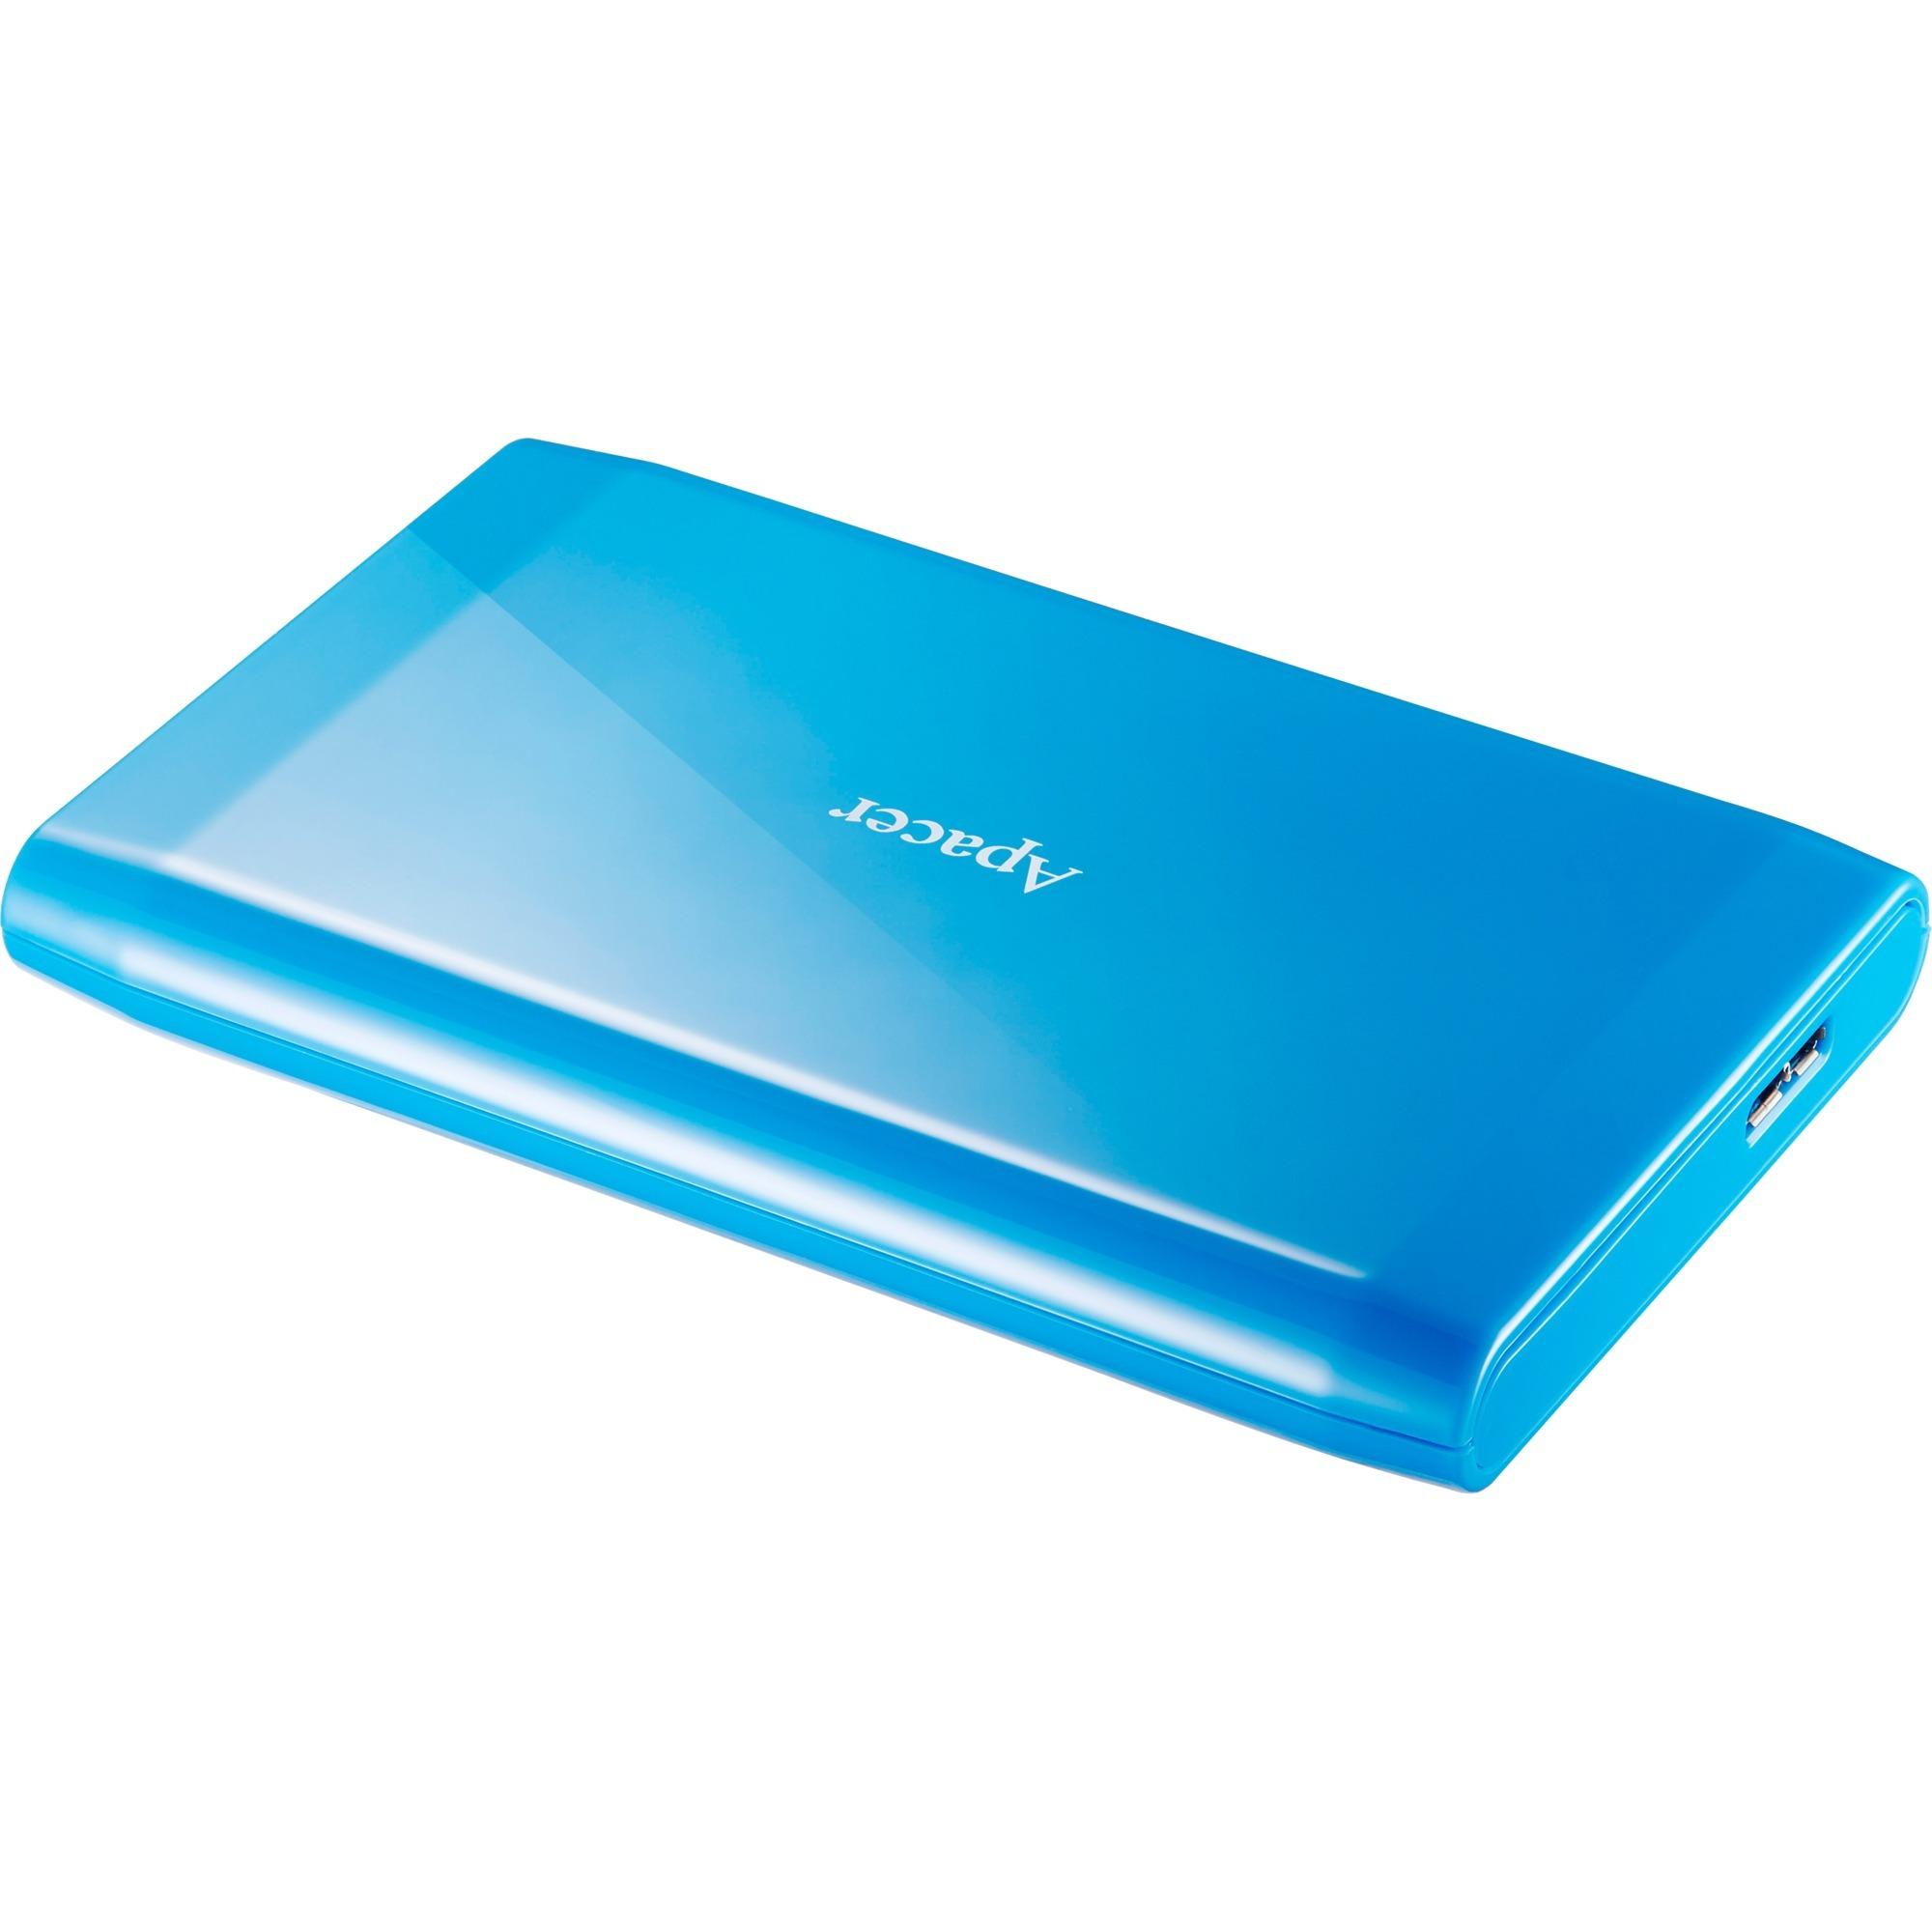 AC235 500GB Azul disco duro externo, Unidad de disco duro